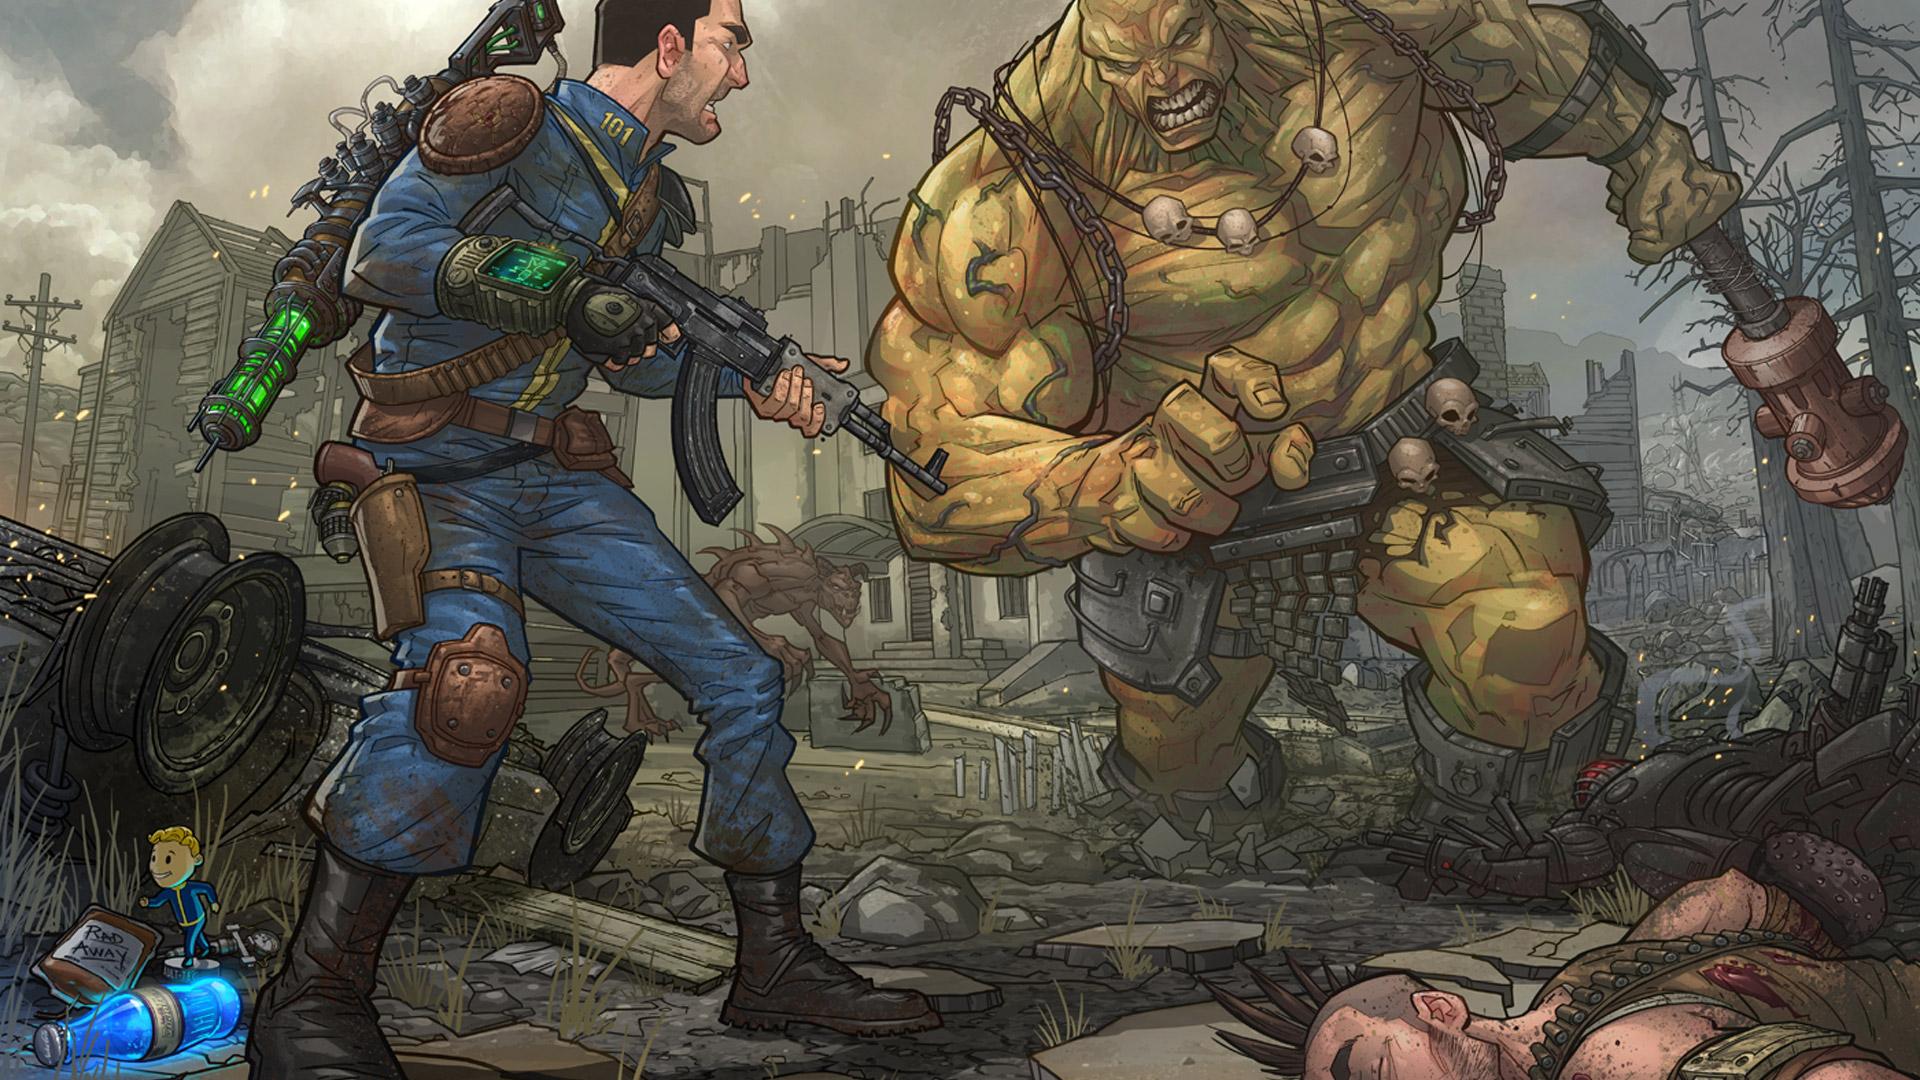 Fallout Wallpapers in 1080p - WallpaperSafari